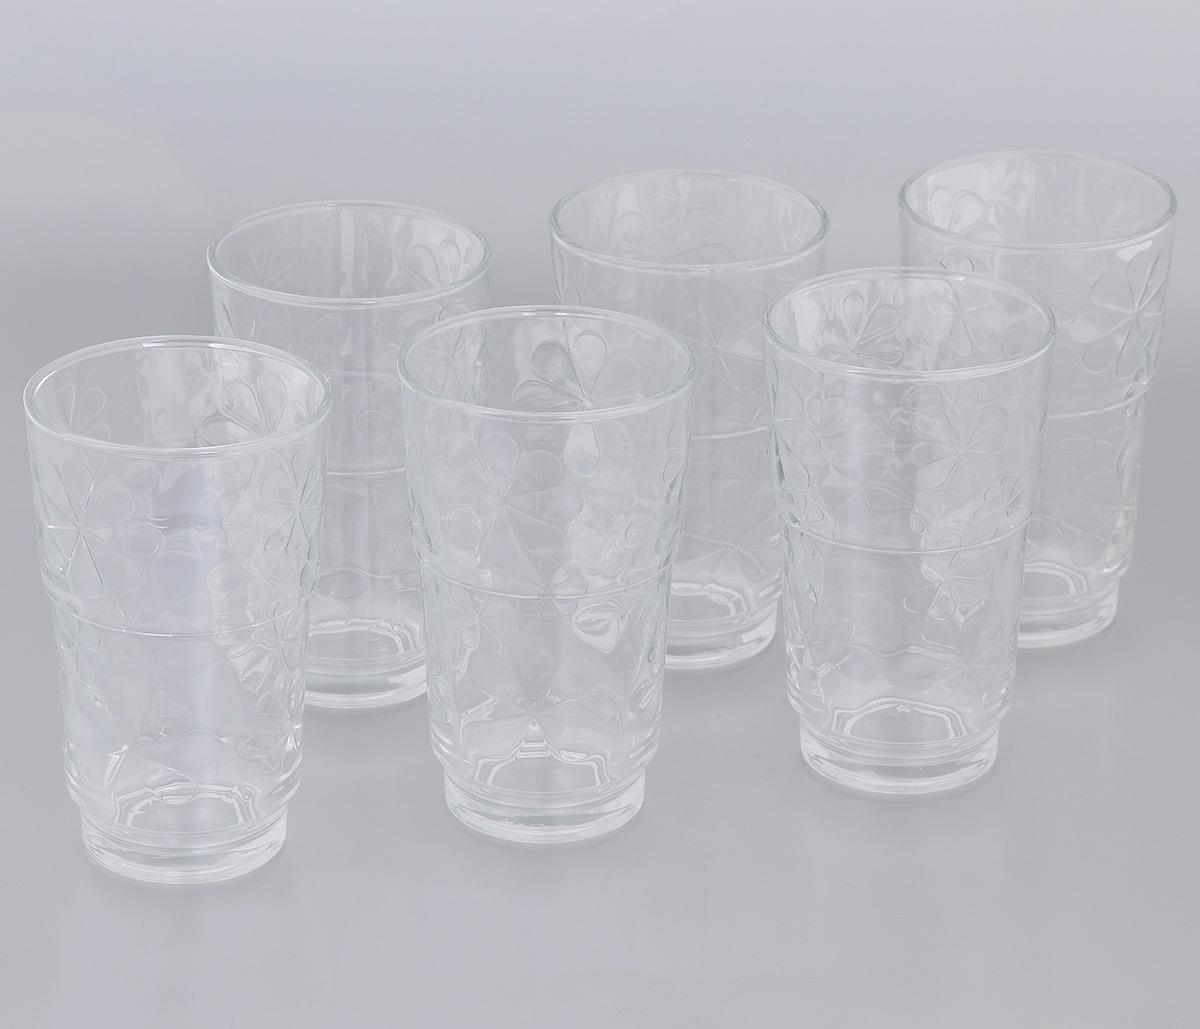 Набор стаканов Luminarc Funny Flowers, 270 мл, 6 штJ1137Набор Luminarc Funny Flowers состоит из 6 стаканов, выполненных из стекла. Они отличаются особой легкостью и прочностью, излучают приятный блеск и издают мелодичный хрустальный звон. Стаканы станут идеальным украшением праздничного стола и отличным подарком к любому празднику.Можно мыть в посудомоечной машине.Диаметр стакана (по верхнему краю): 7,2 см.Высота: 12 см.